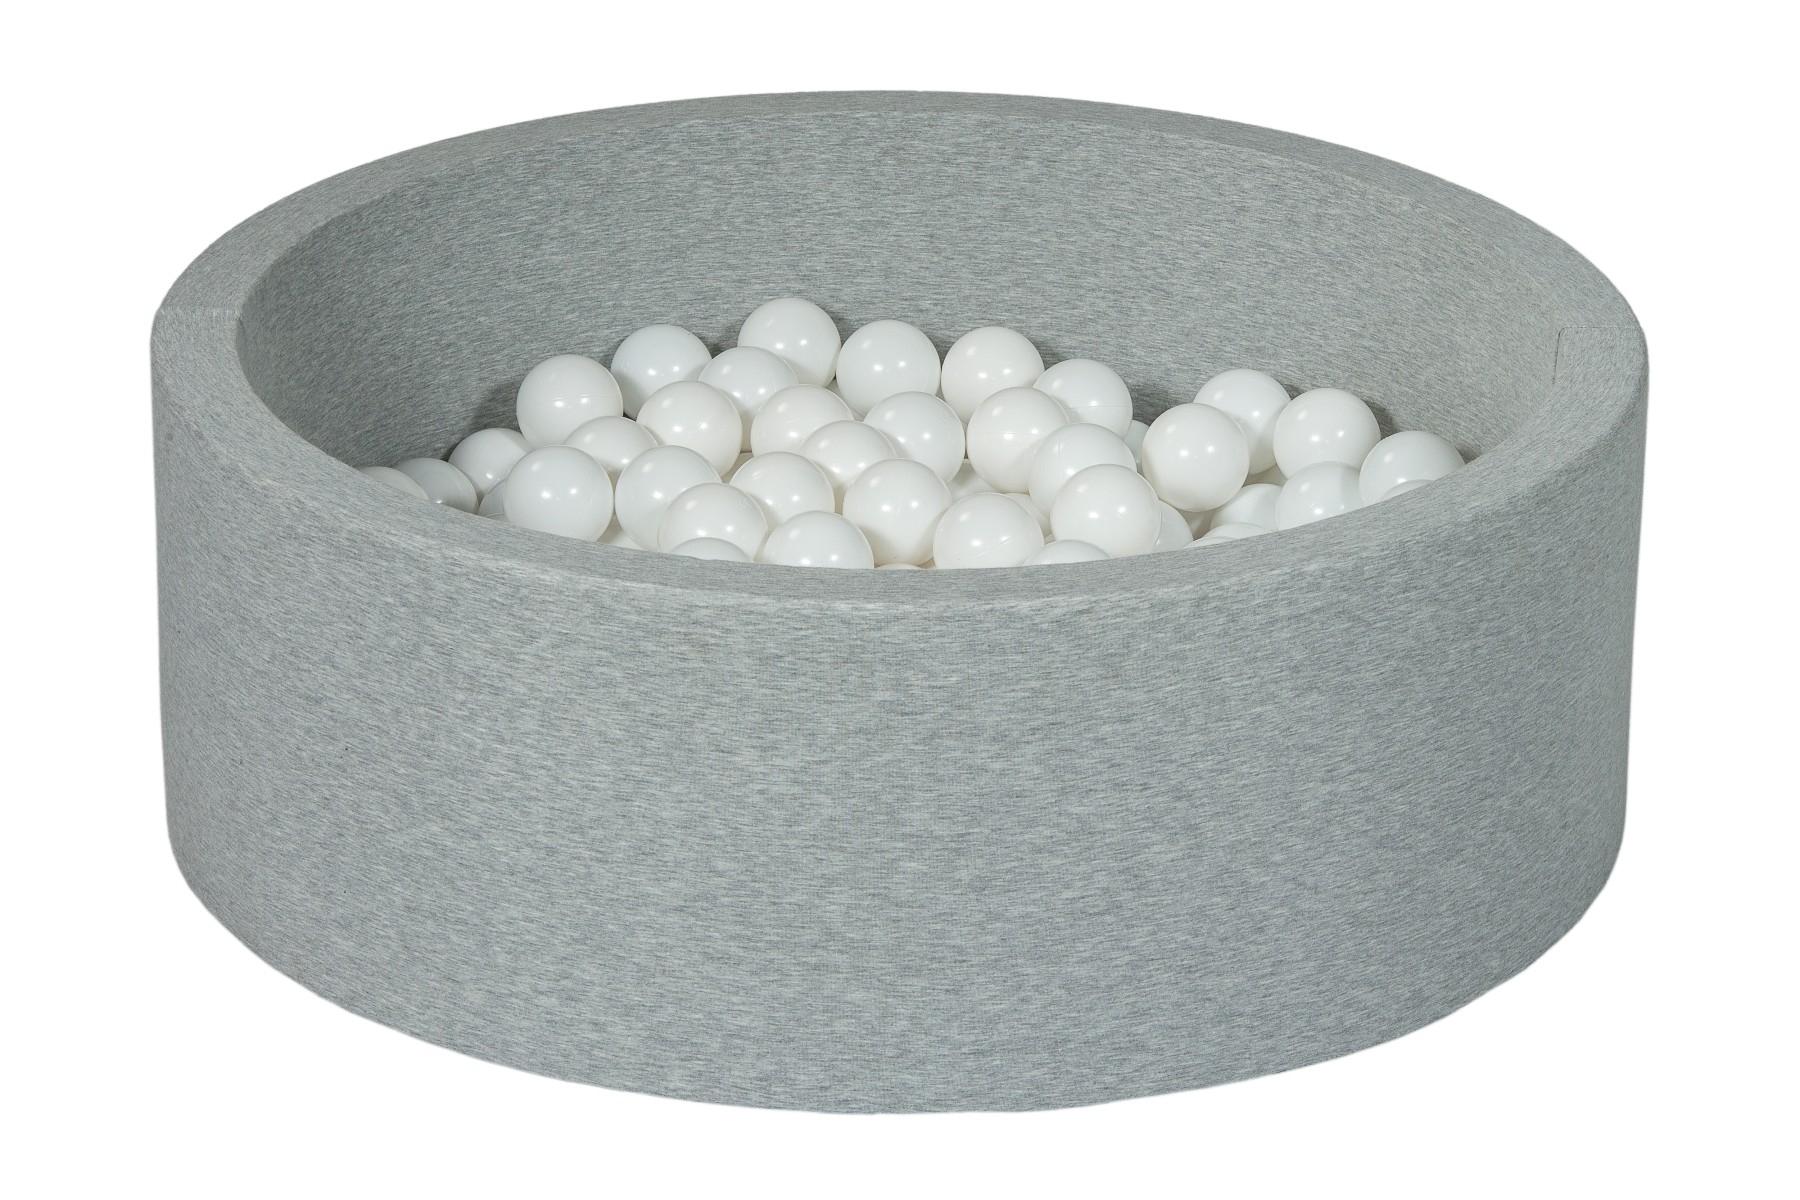 Piscine-a-balles-pour-enfant-Aire-de-jeu-150-balles